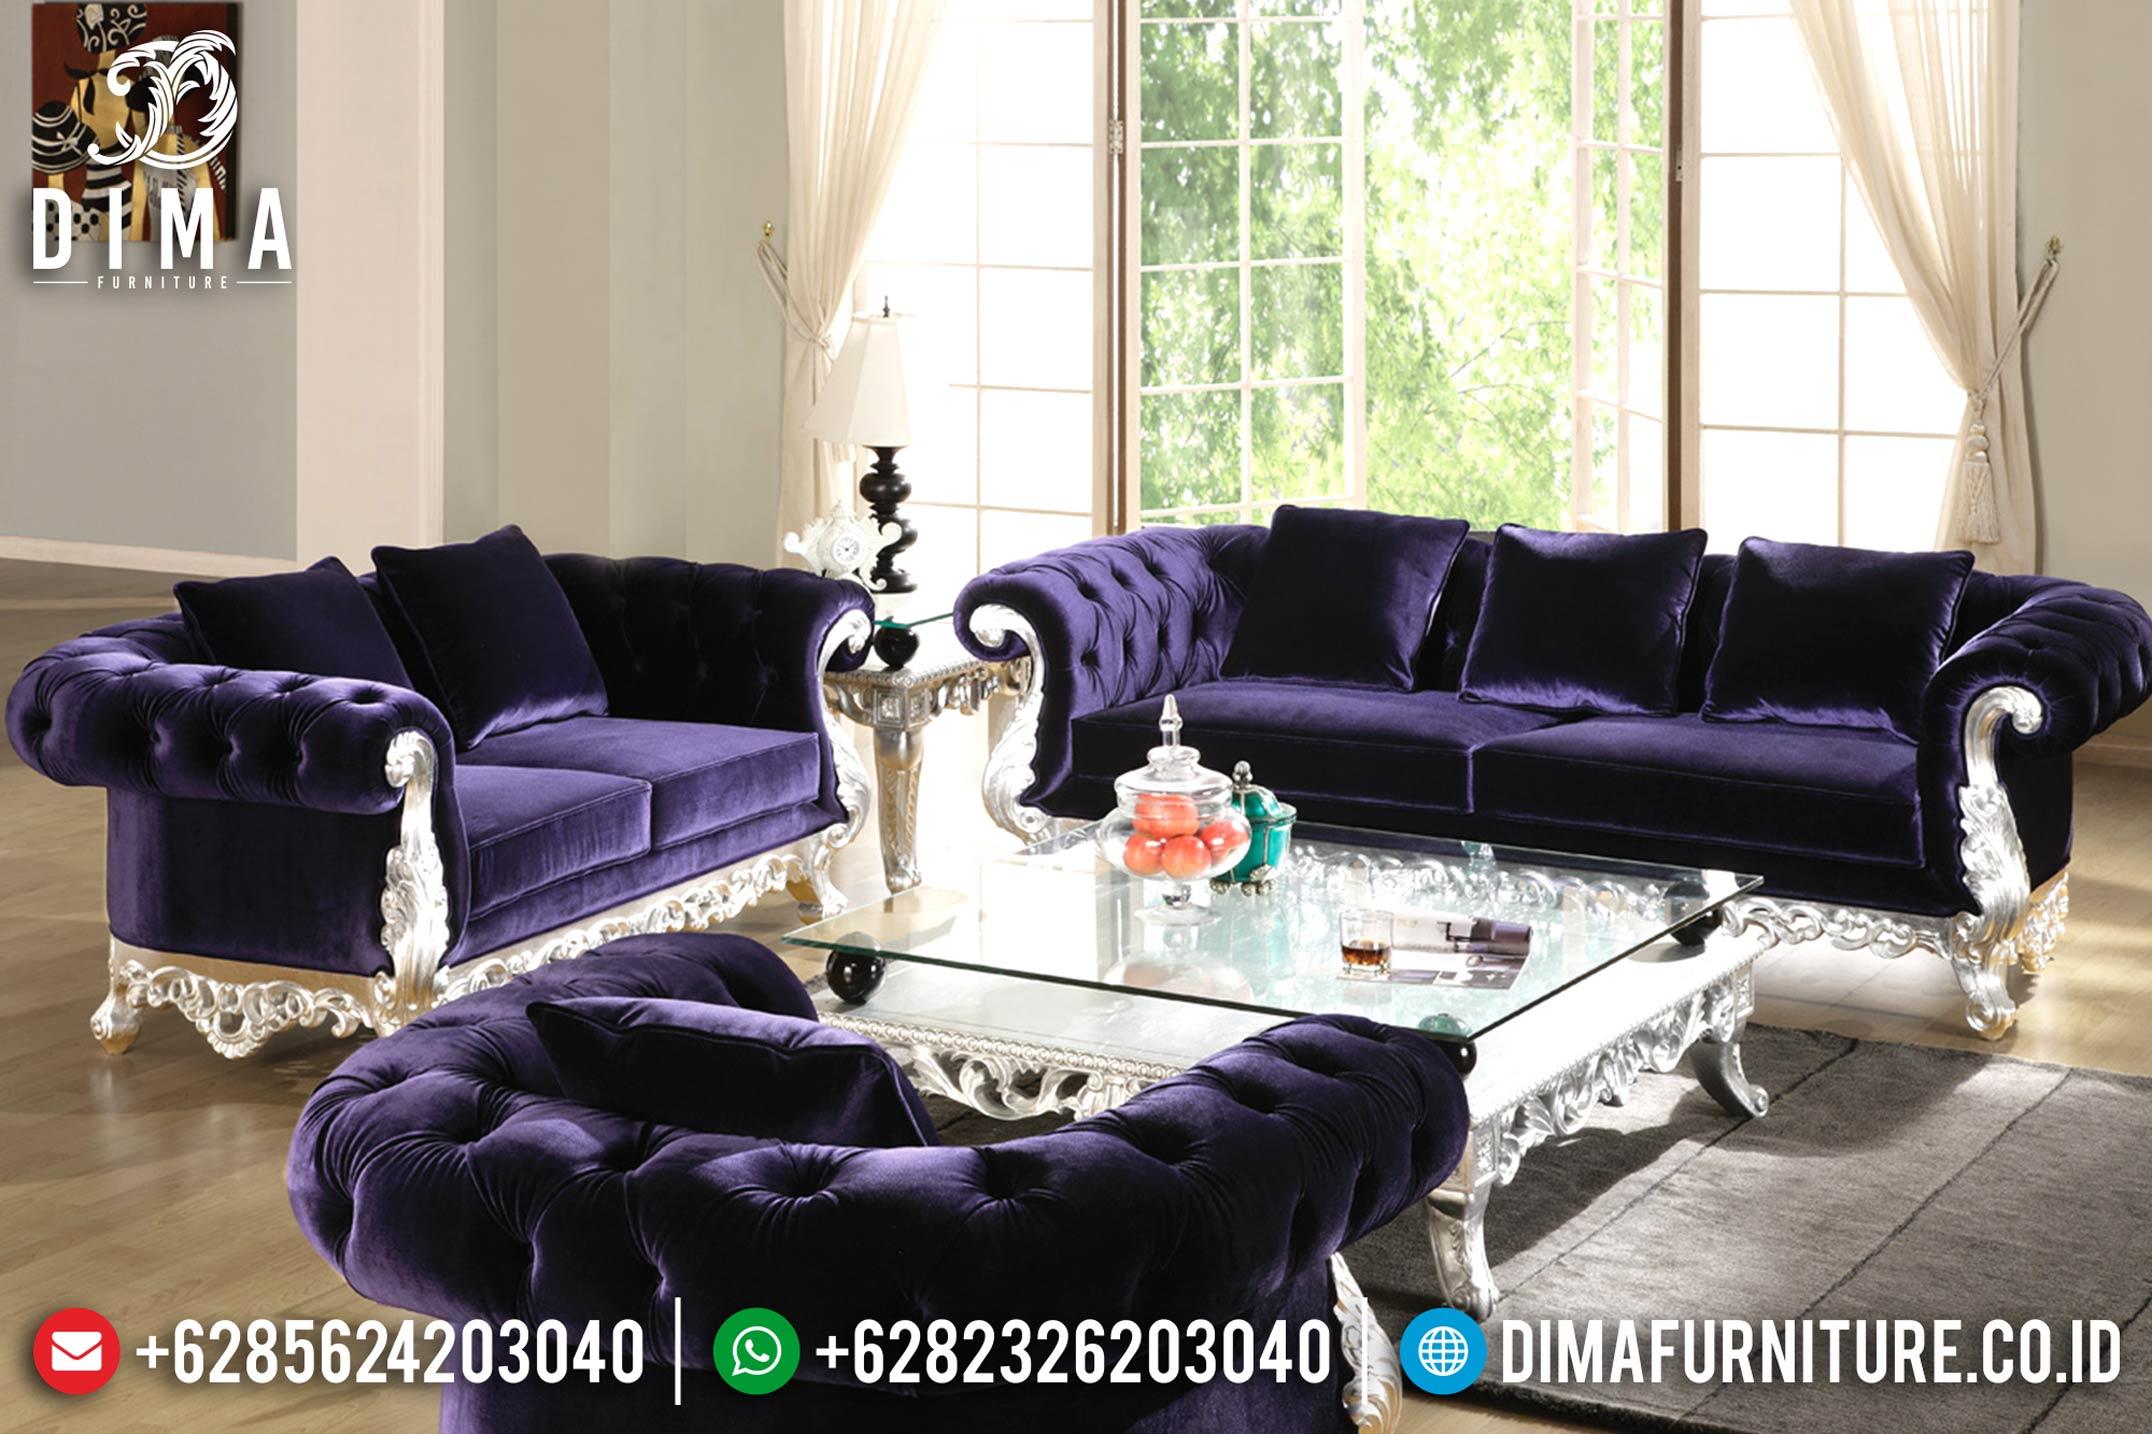 Jual 1 Set Sofa Ruang Tamu Mewah Jepara Classic Rococo Silver Purple DF-0698